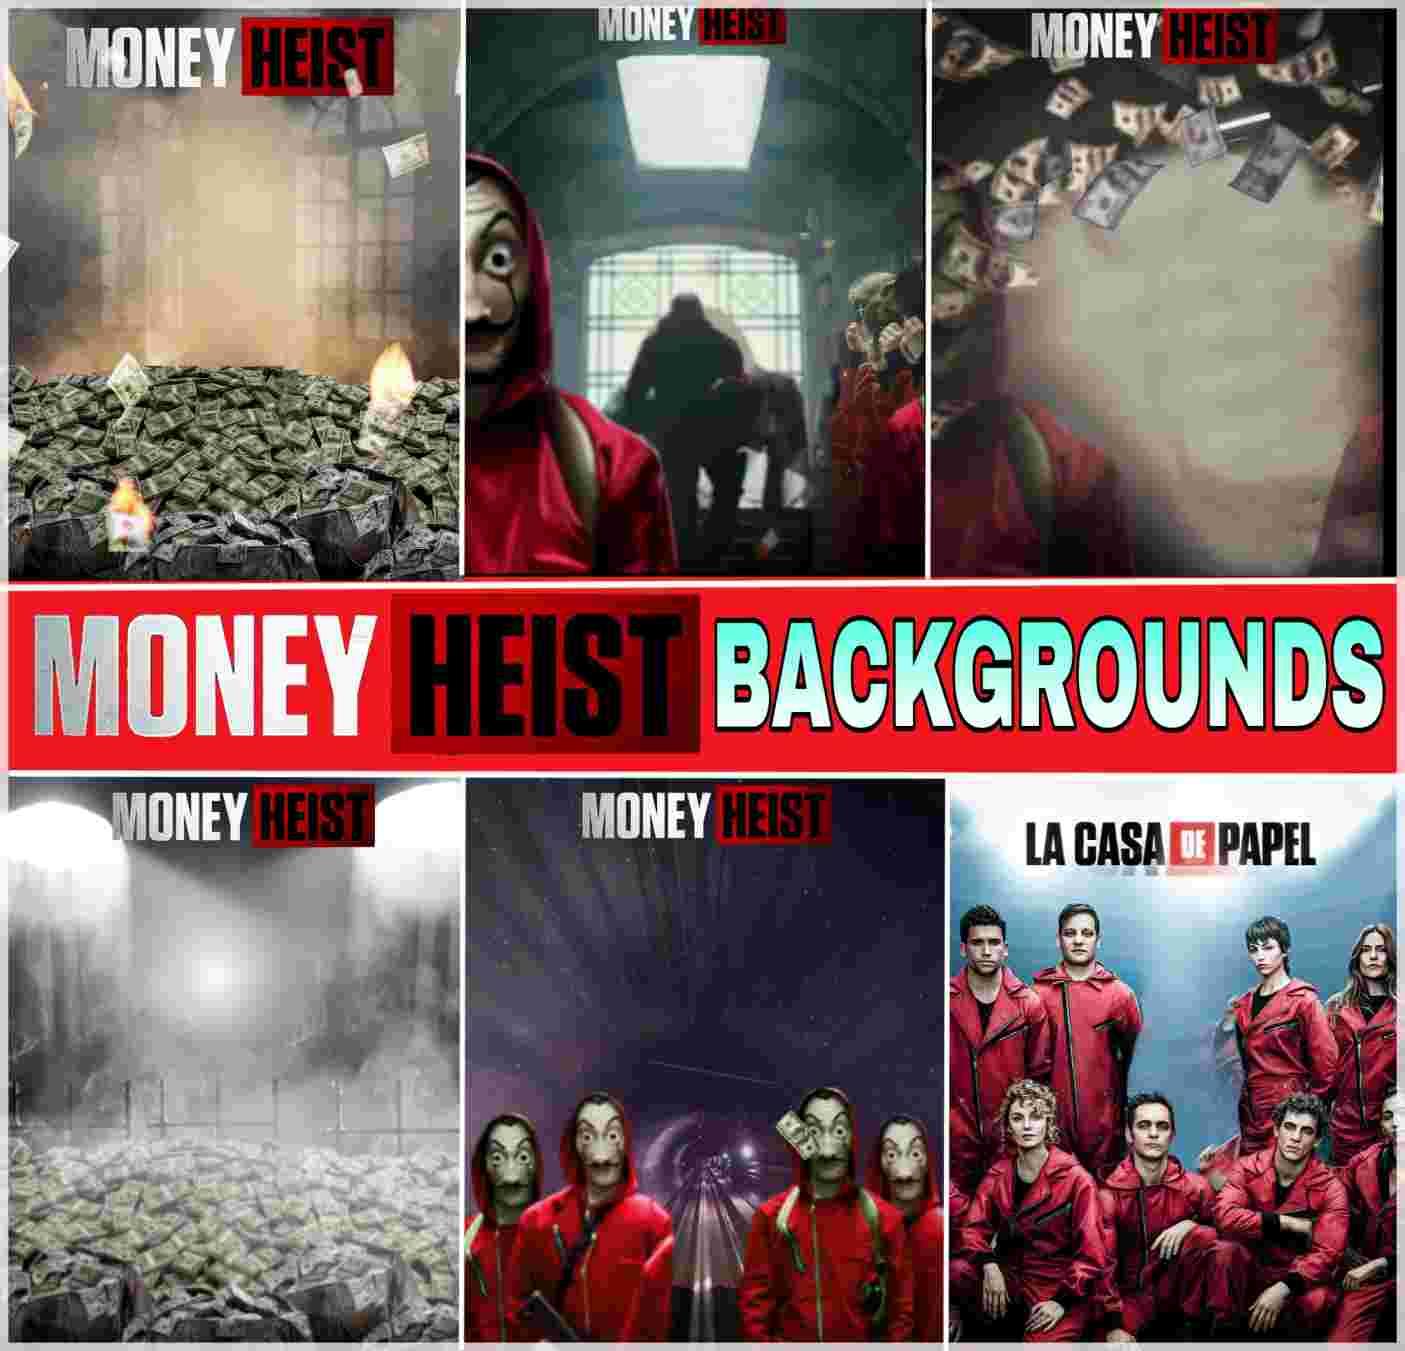 Money Heist Background